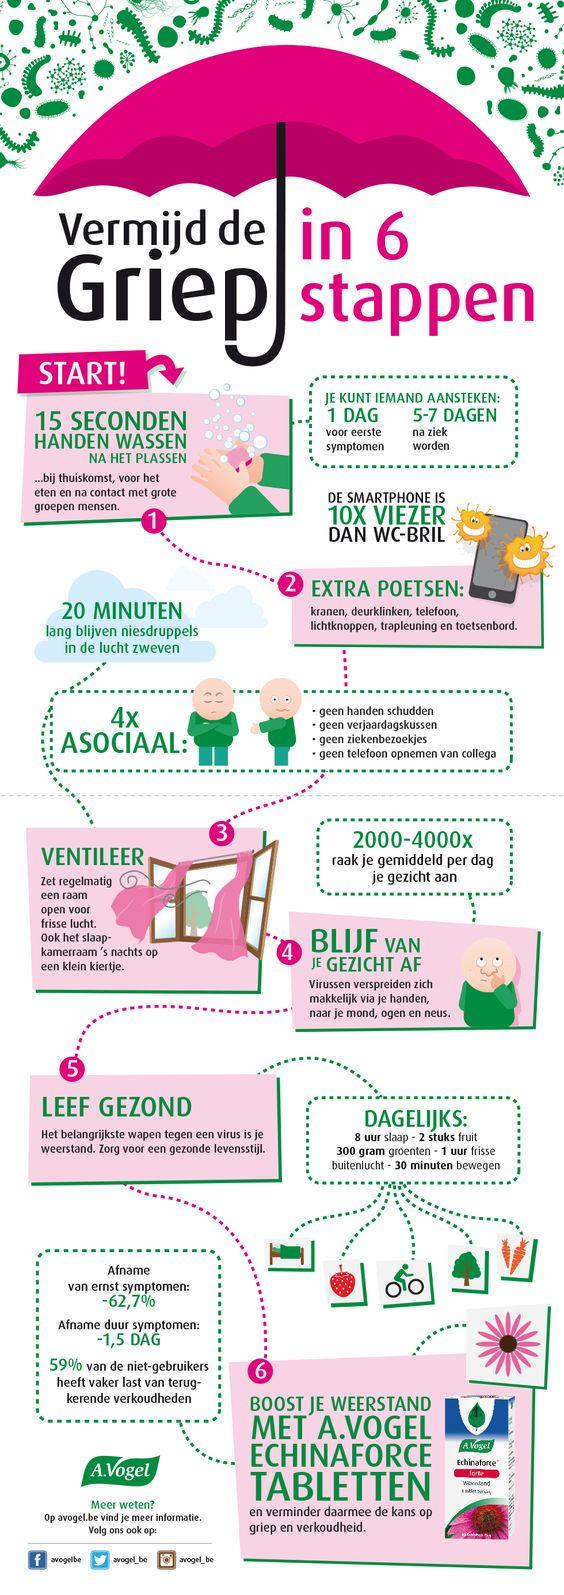 Vermijd de griep in 6 stappen. https://www.avogel.be/nl/indicaties/Vermijd-de-griep-in-6-stappen.php: